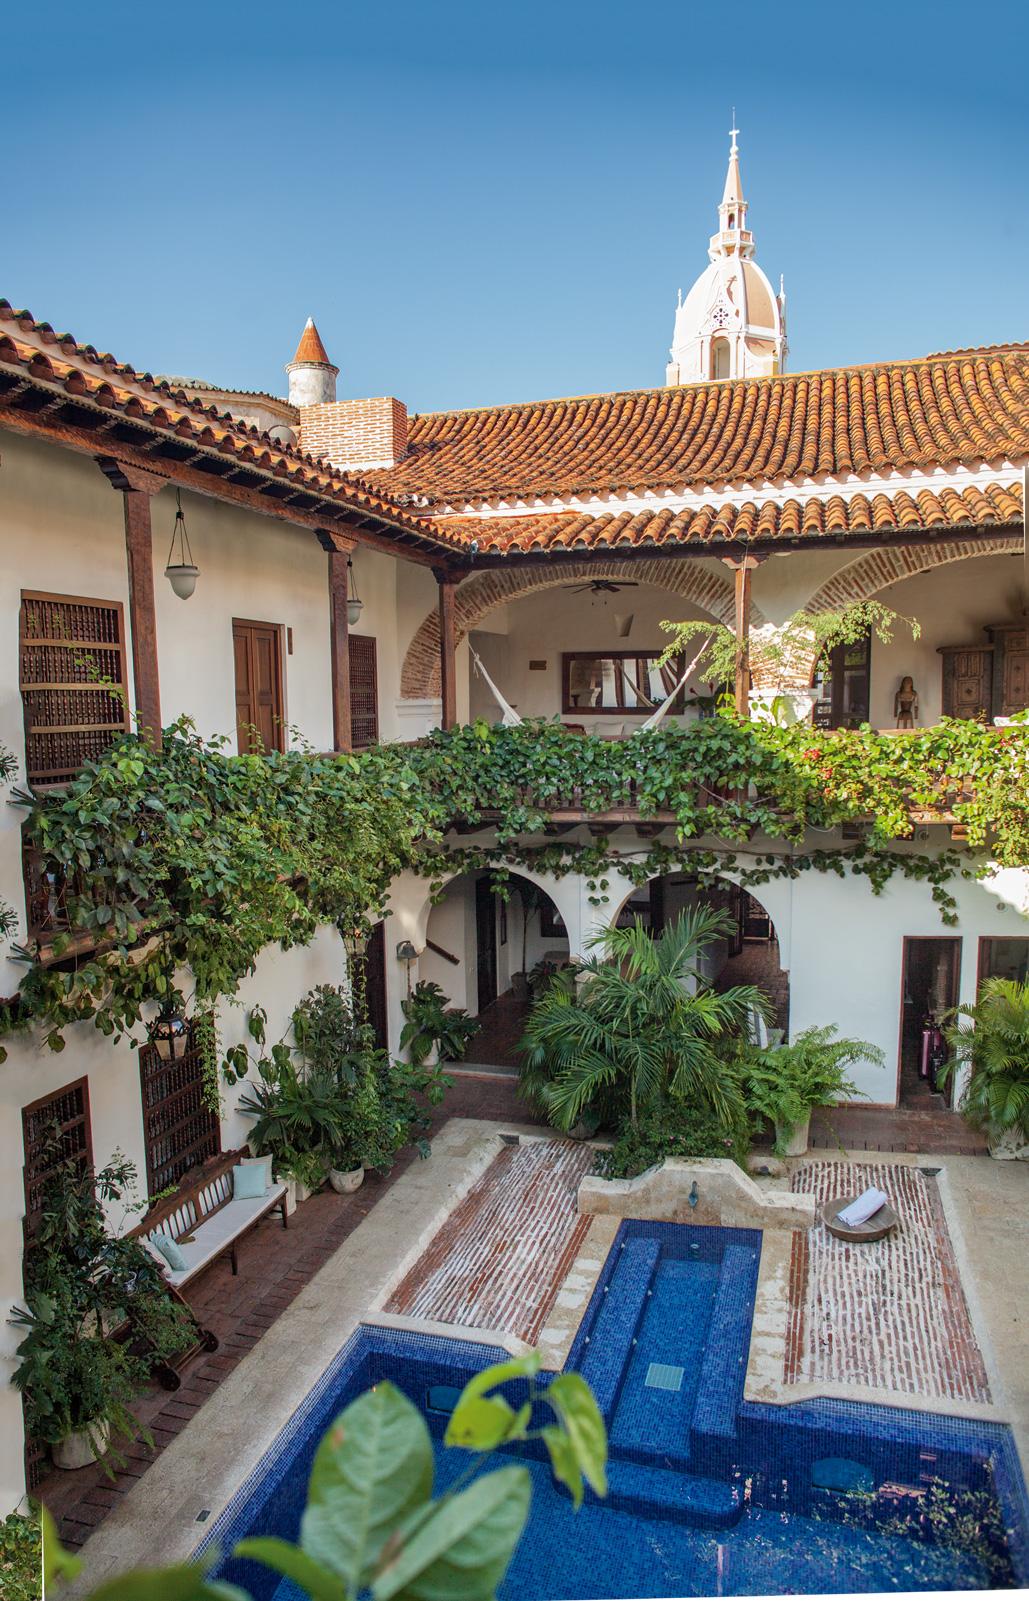 Gallery Shop Hotel Casa del Arzobispado